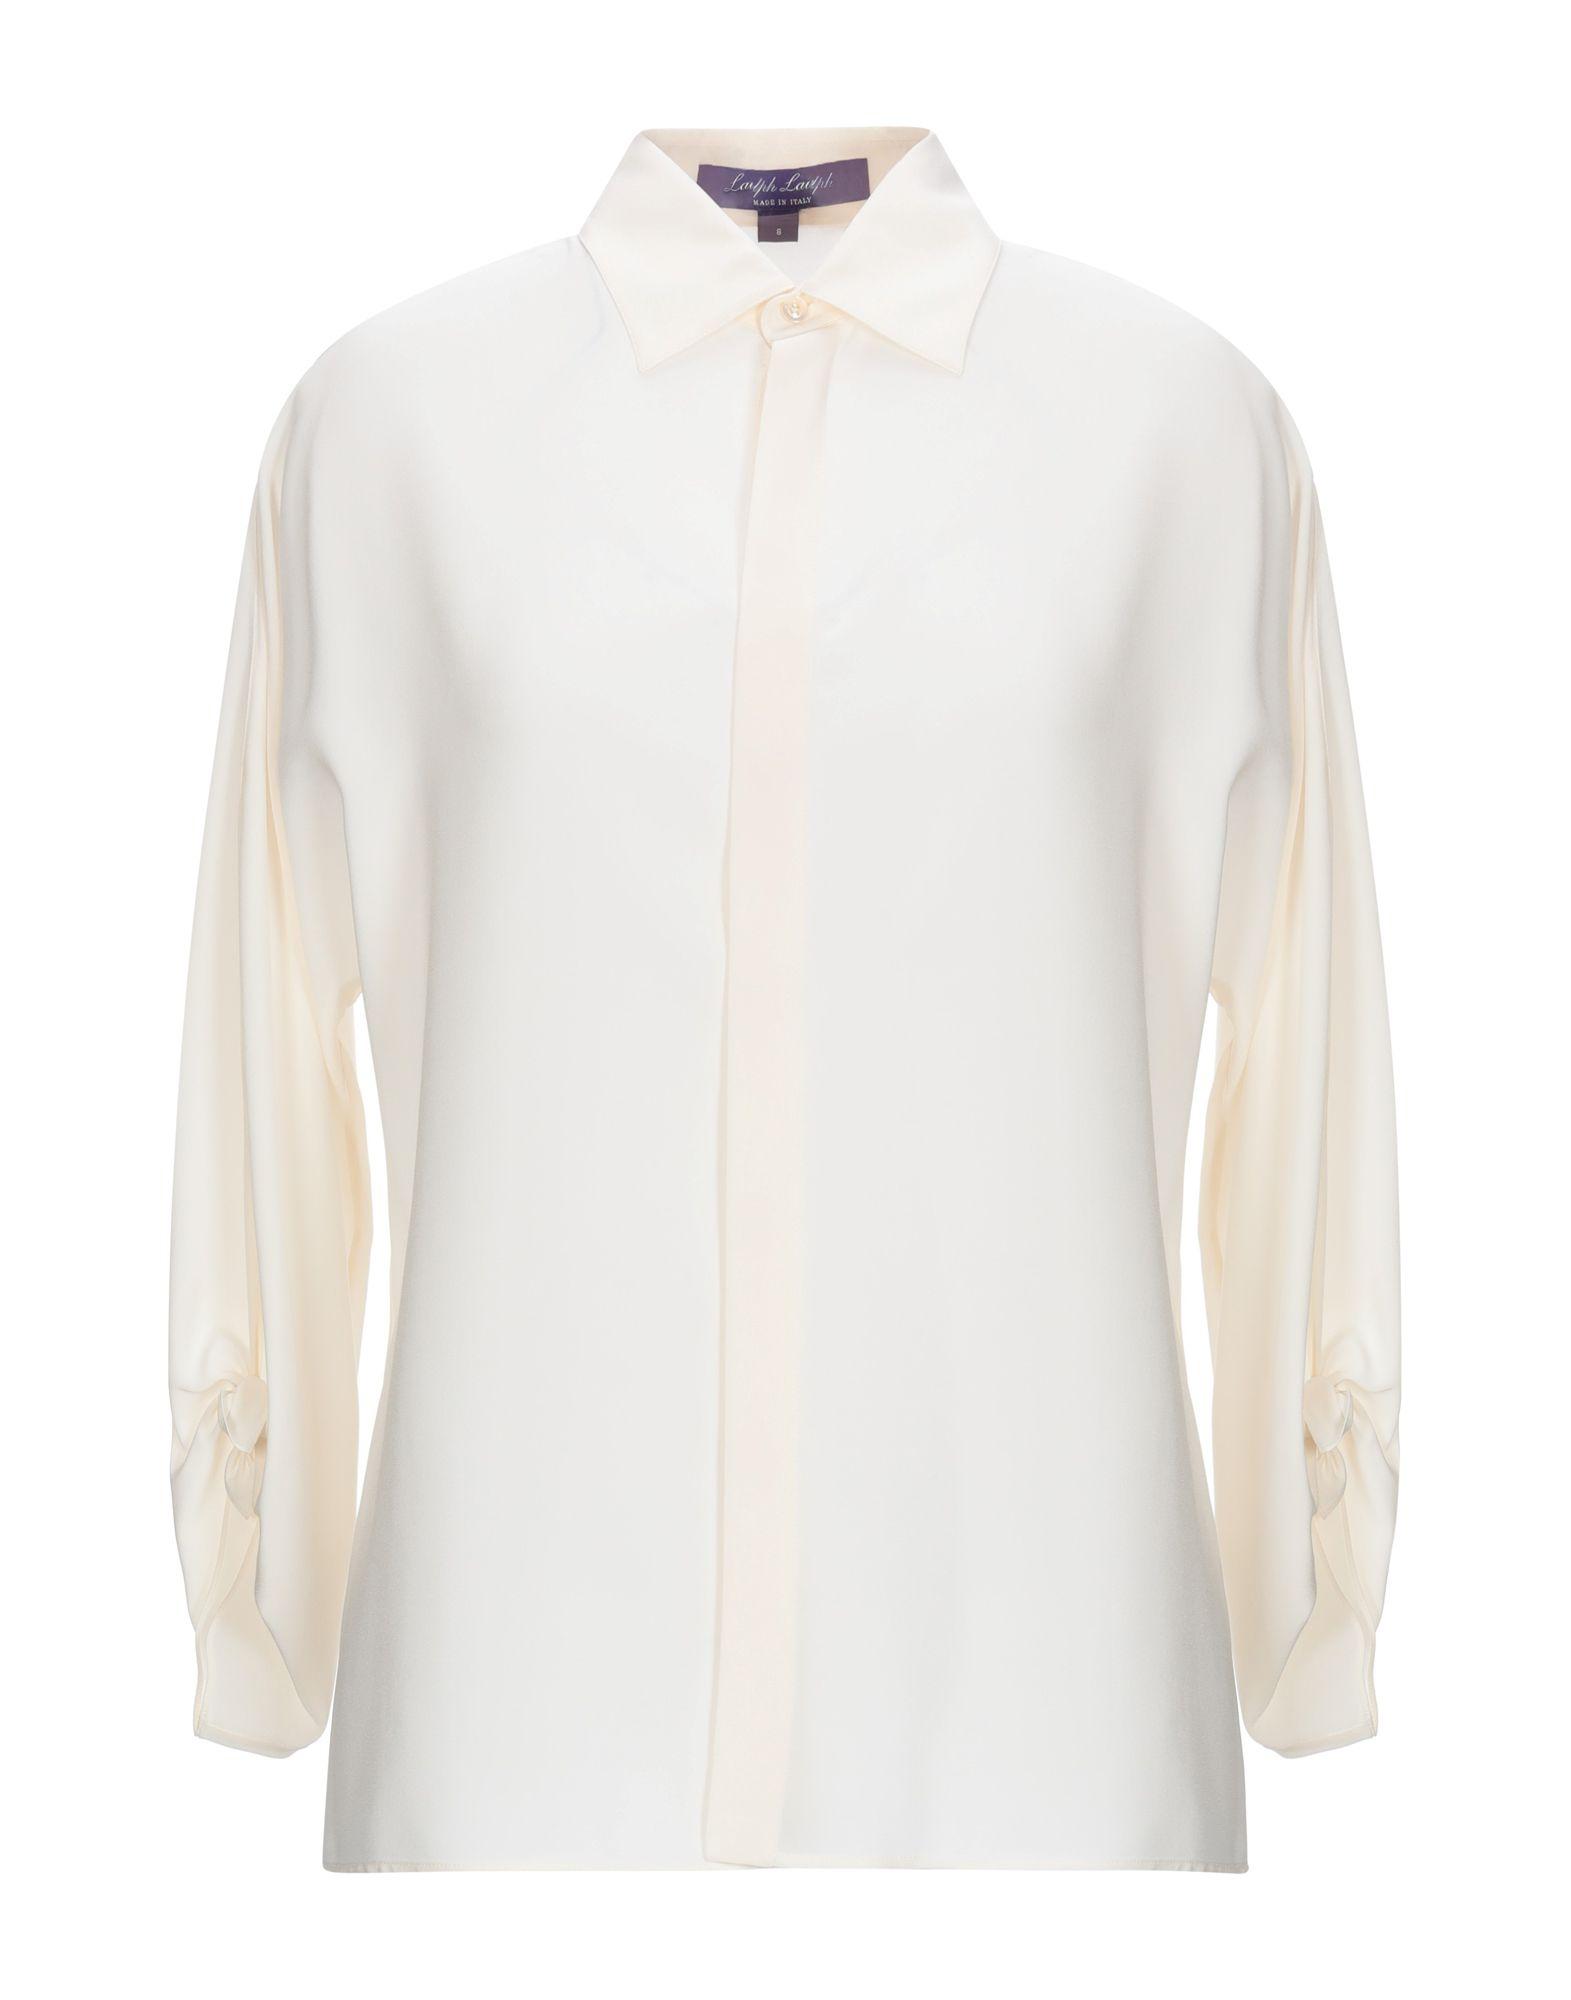 《期間限定セール中》RALPH LAUREN COLLECTION レディース シャツ アイボリー 8 シルク(マルベリーシルク) 100%